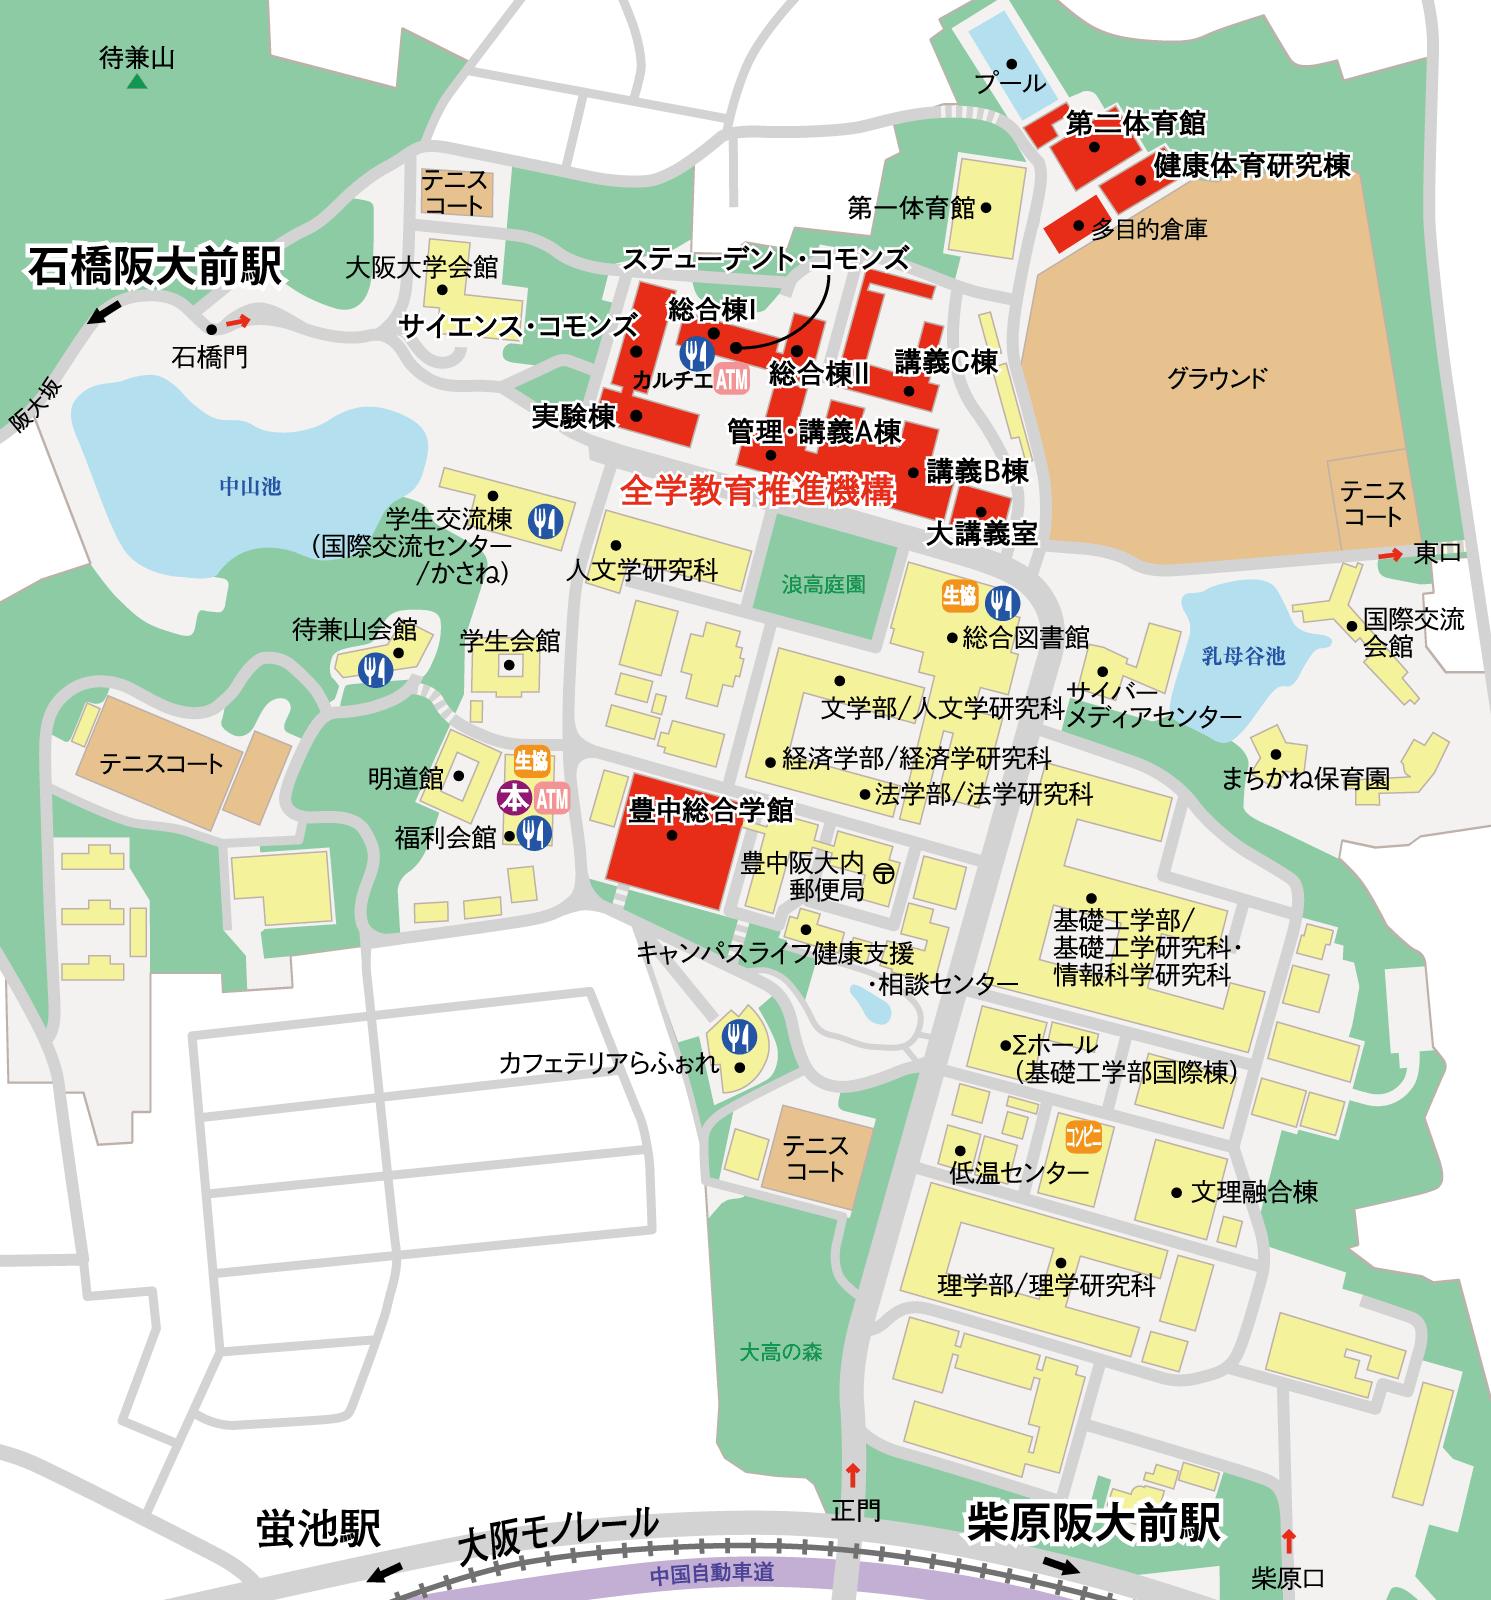 豊中キャンパス構内図, Toyonaka campus map